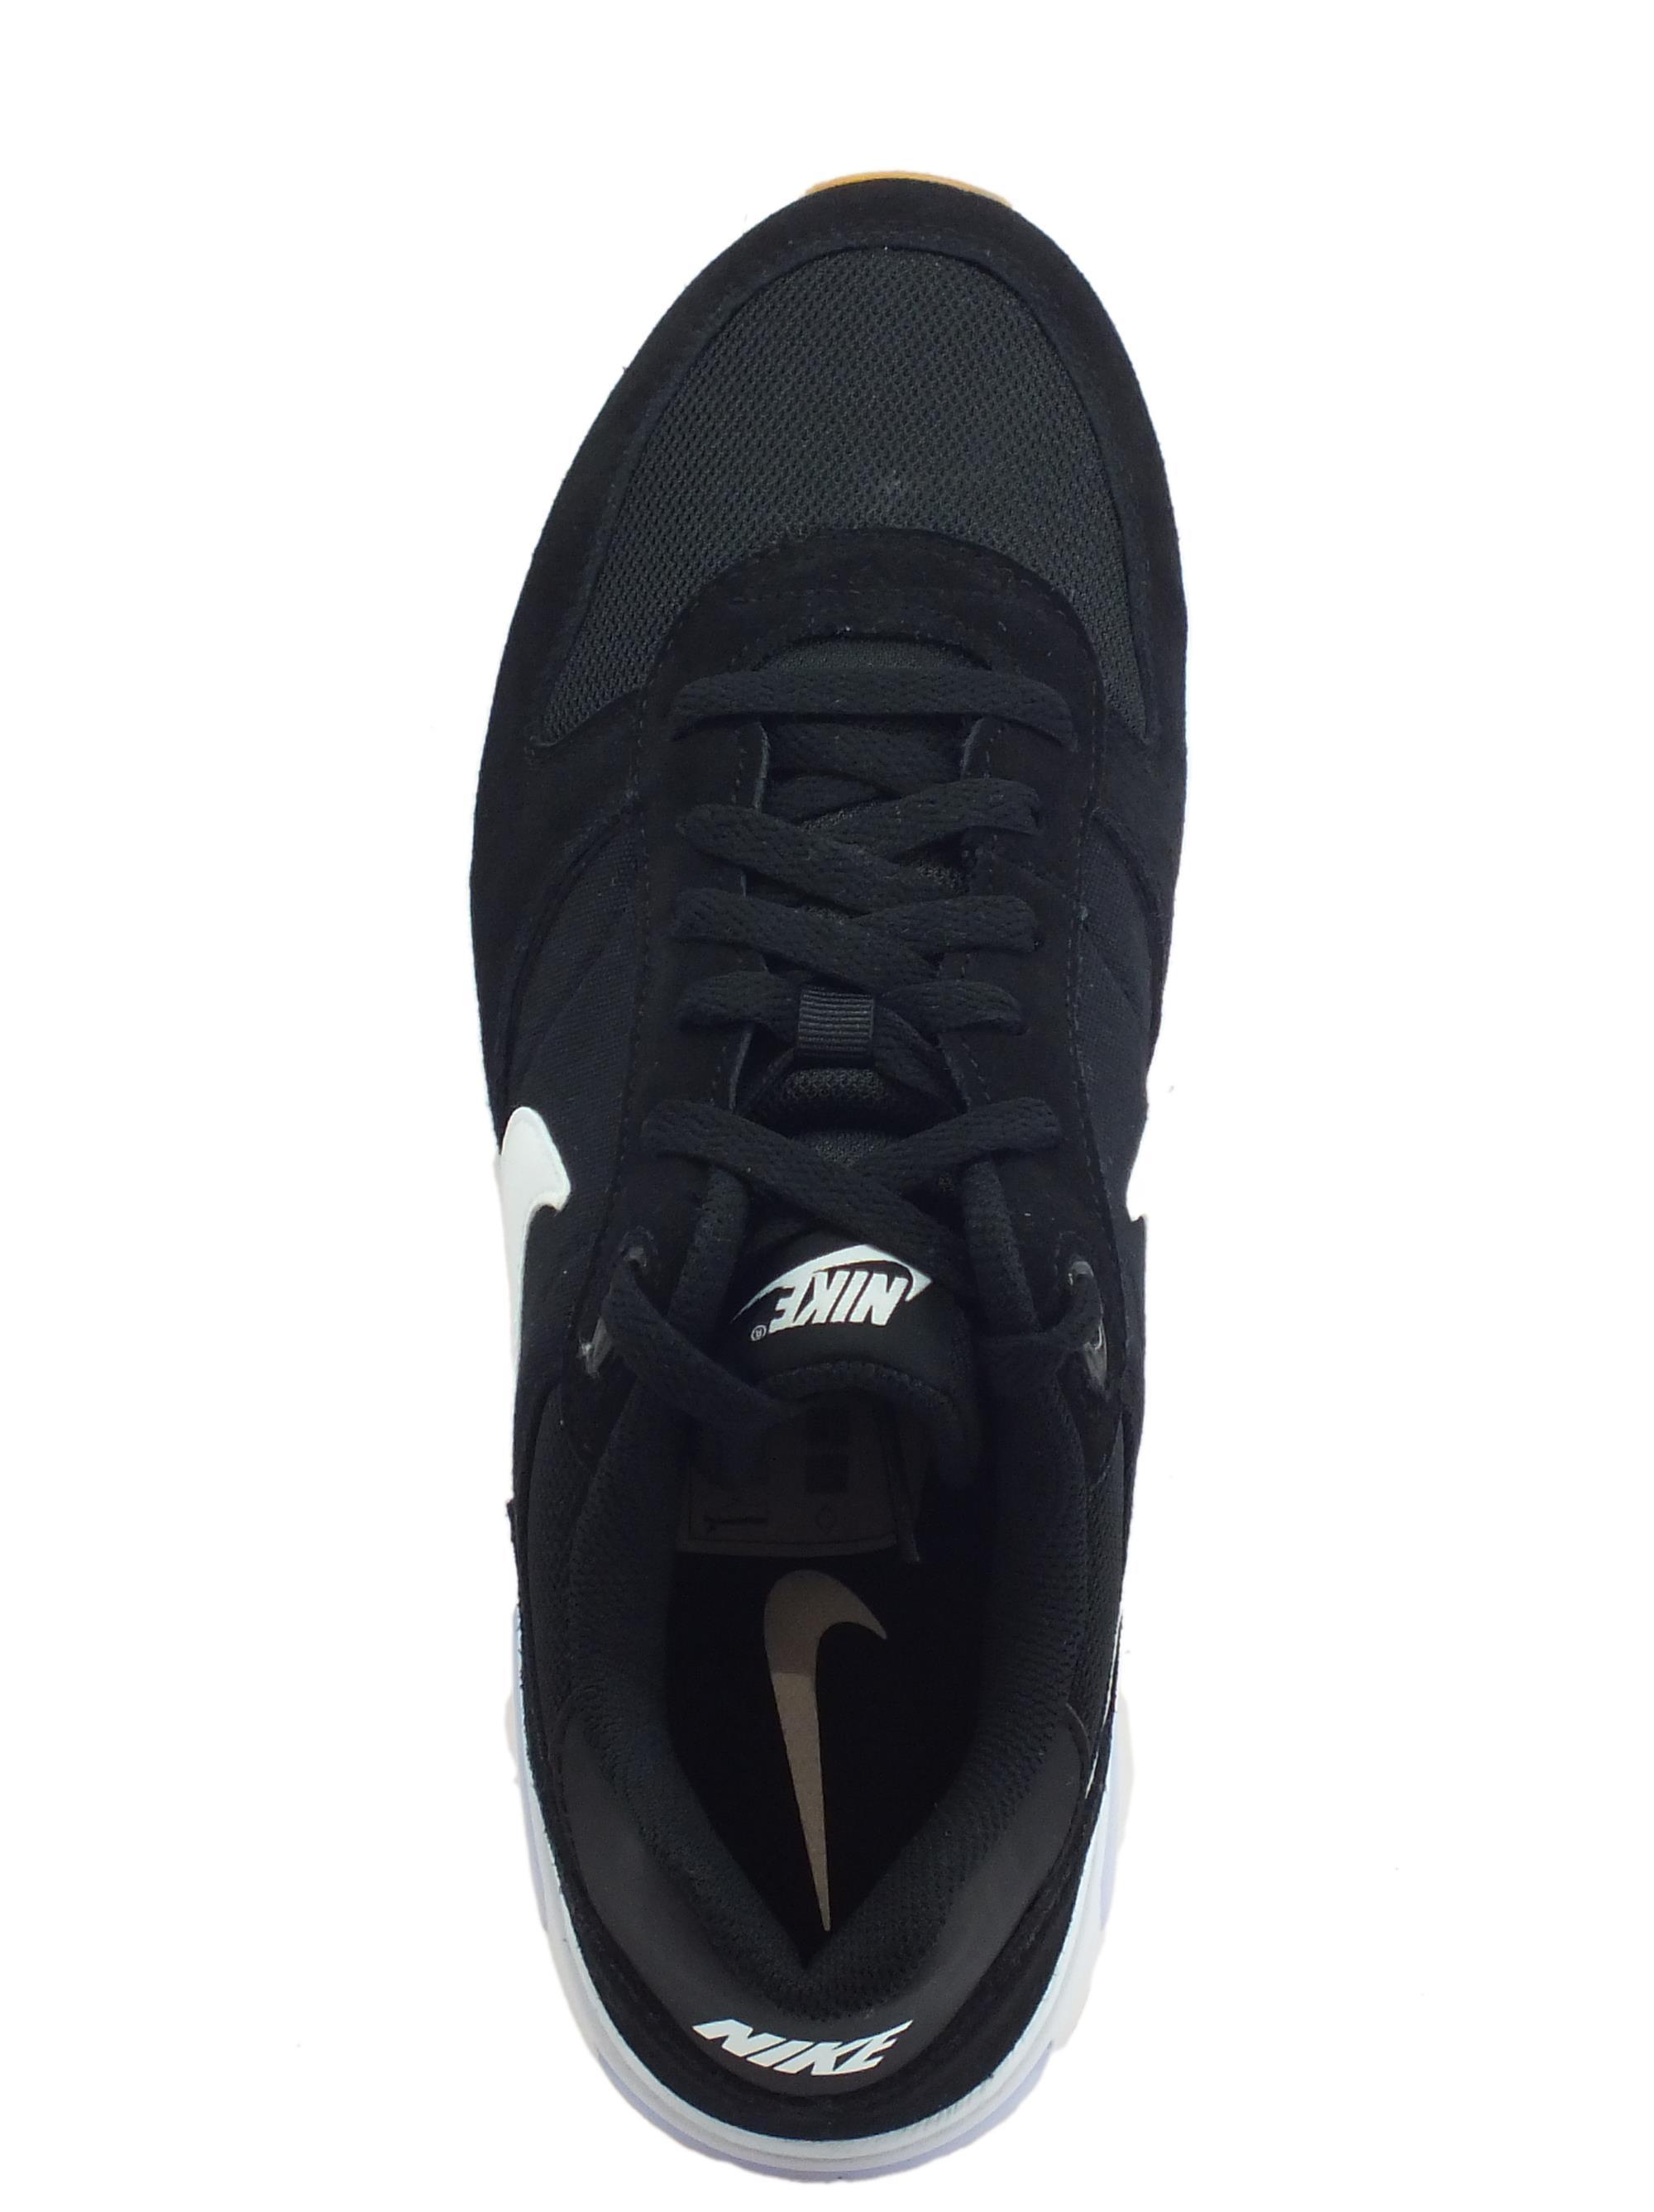 ... Scarpe sportive Nike NightGazer per uomo in camoscio e tessuto nero a5532887bae